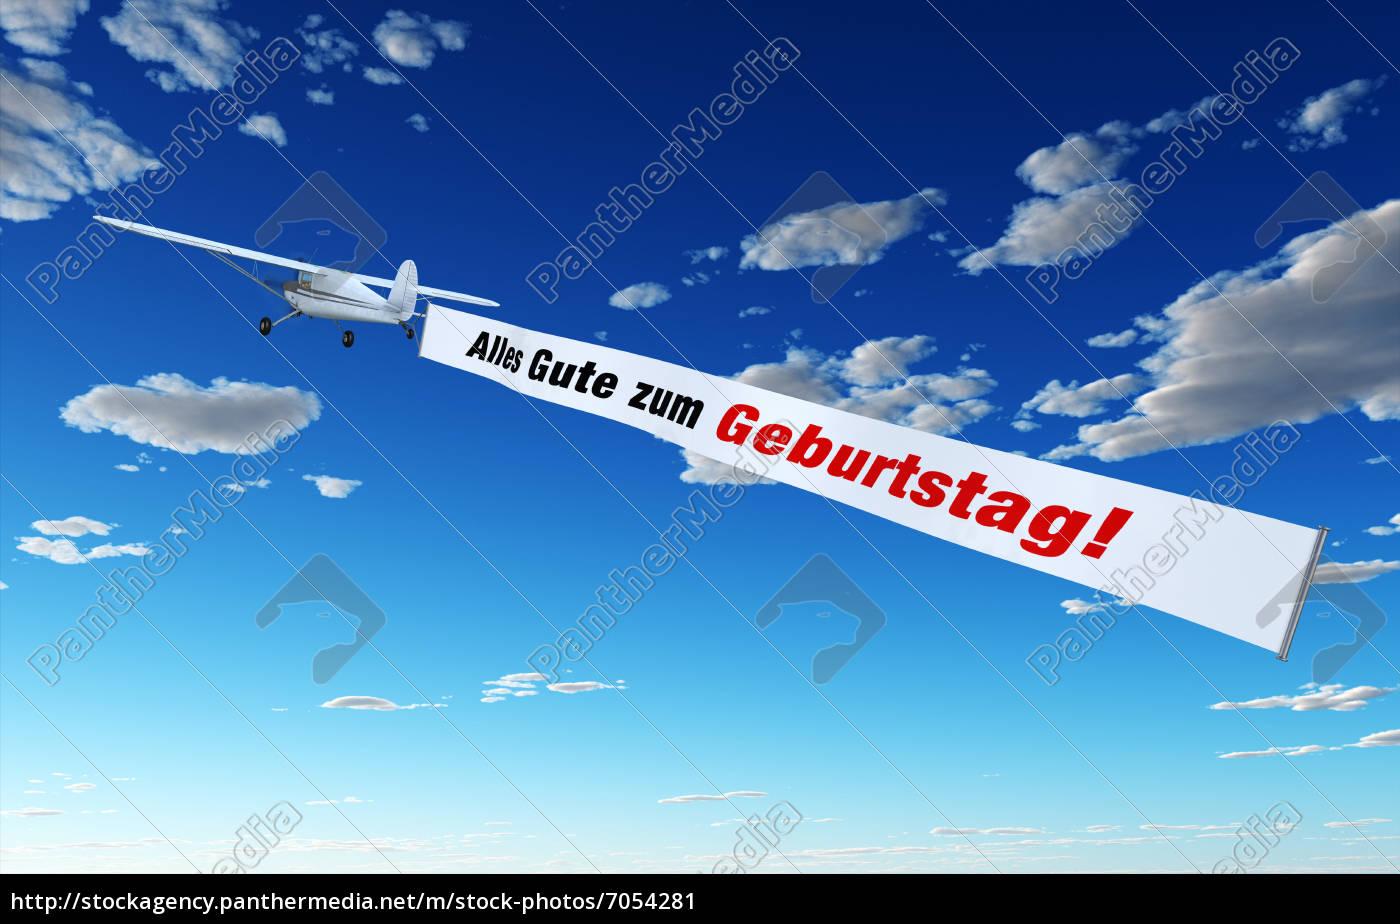 Flugzeug mit Banner - Alles Gute zum Geburtstag! - Stockfoto ...